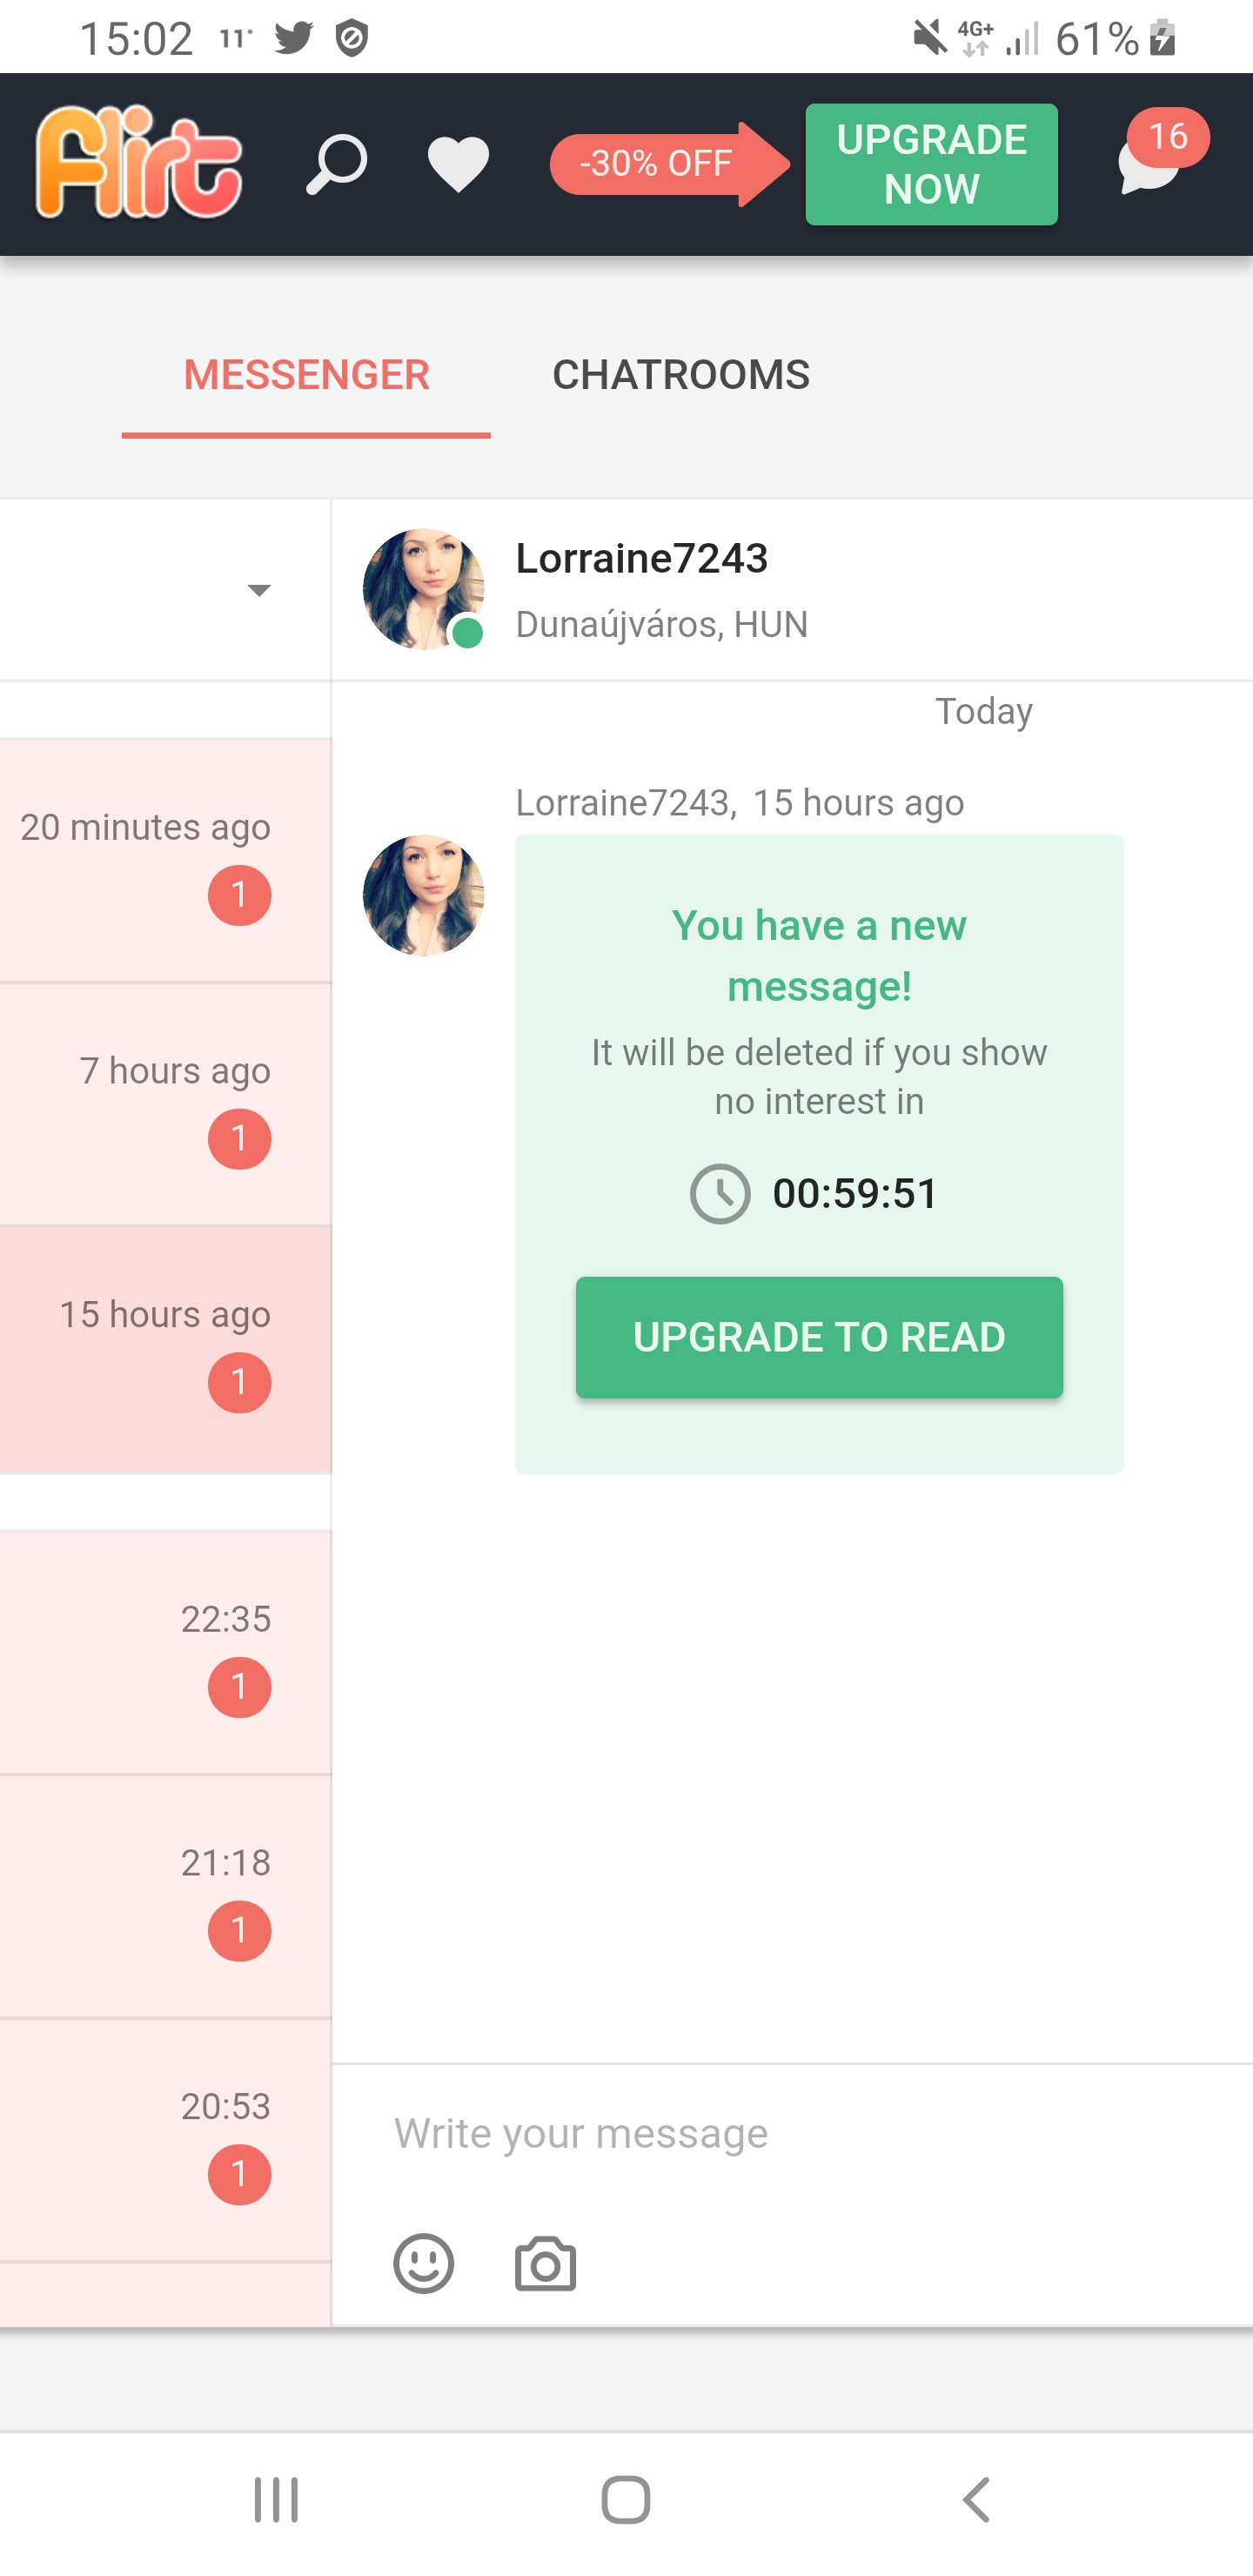 Flirt Com Reviews 479 Reviews Of Flirt Com Sitejabber